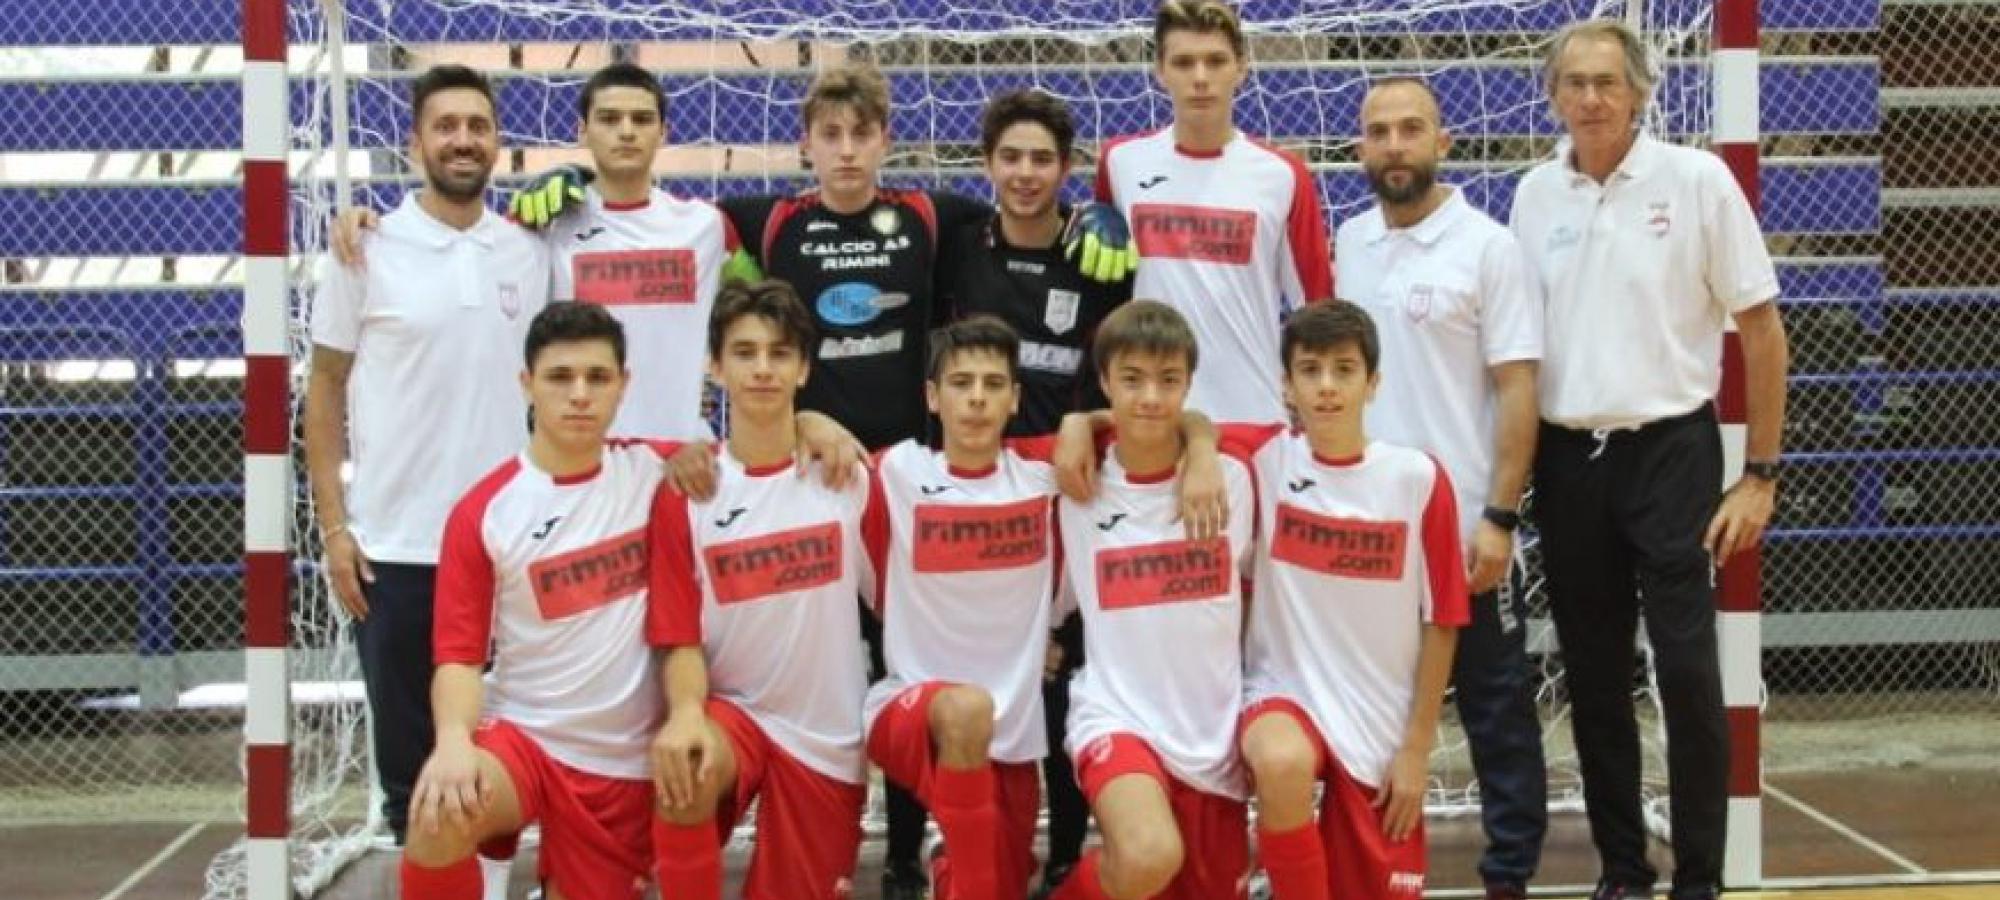 Settore giovanile Rimini.com: l'Under 19 continua a crescere e dall'anno prossimo si punta anche all'Under 15